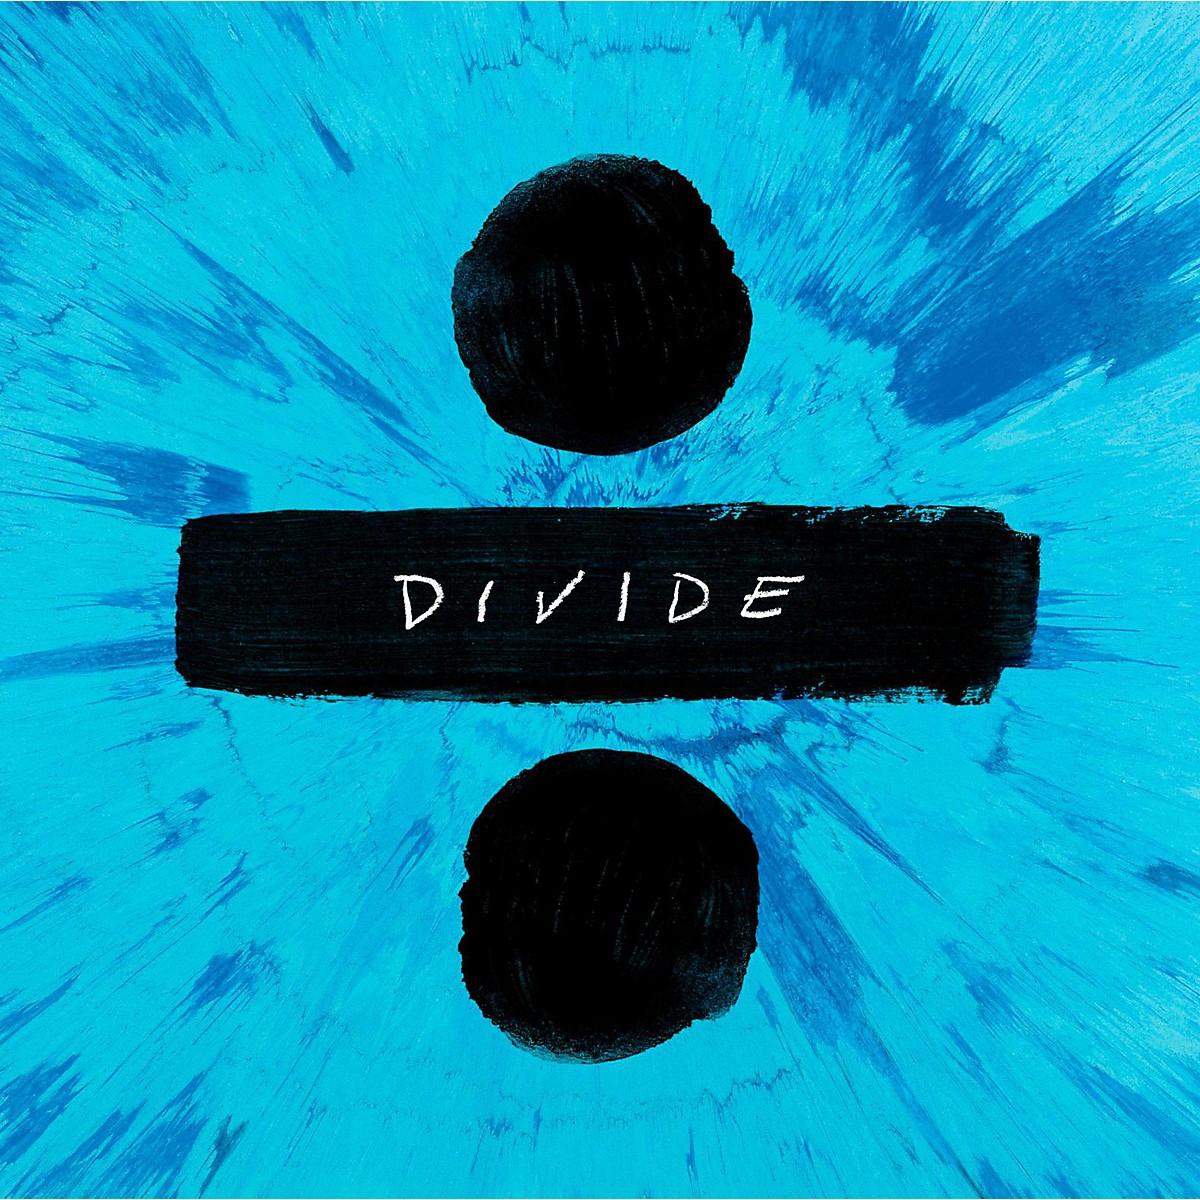 WEA Ed Sheeran - Divide - 2 LP - 45 RPM - 180 Gram Vinyl with Digital Download